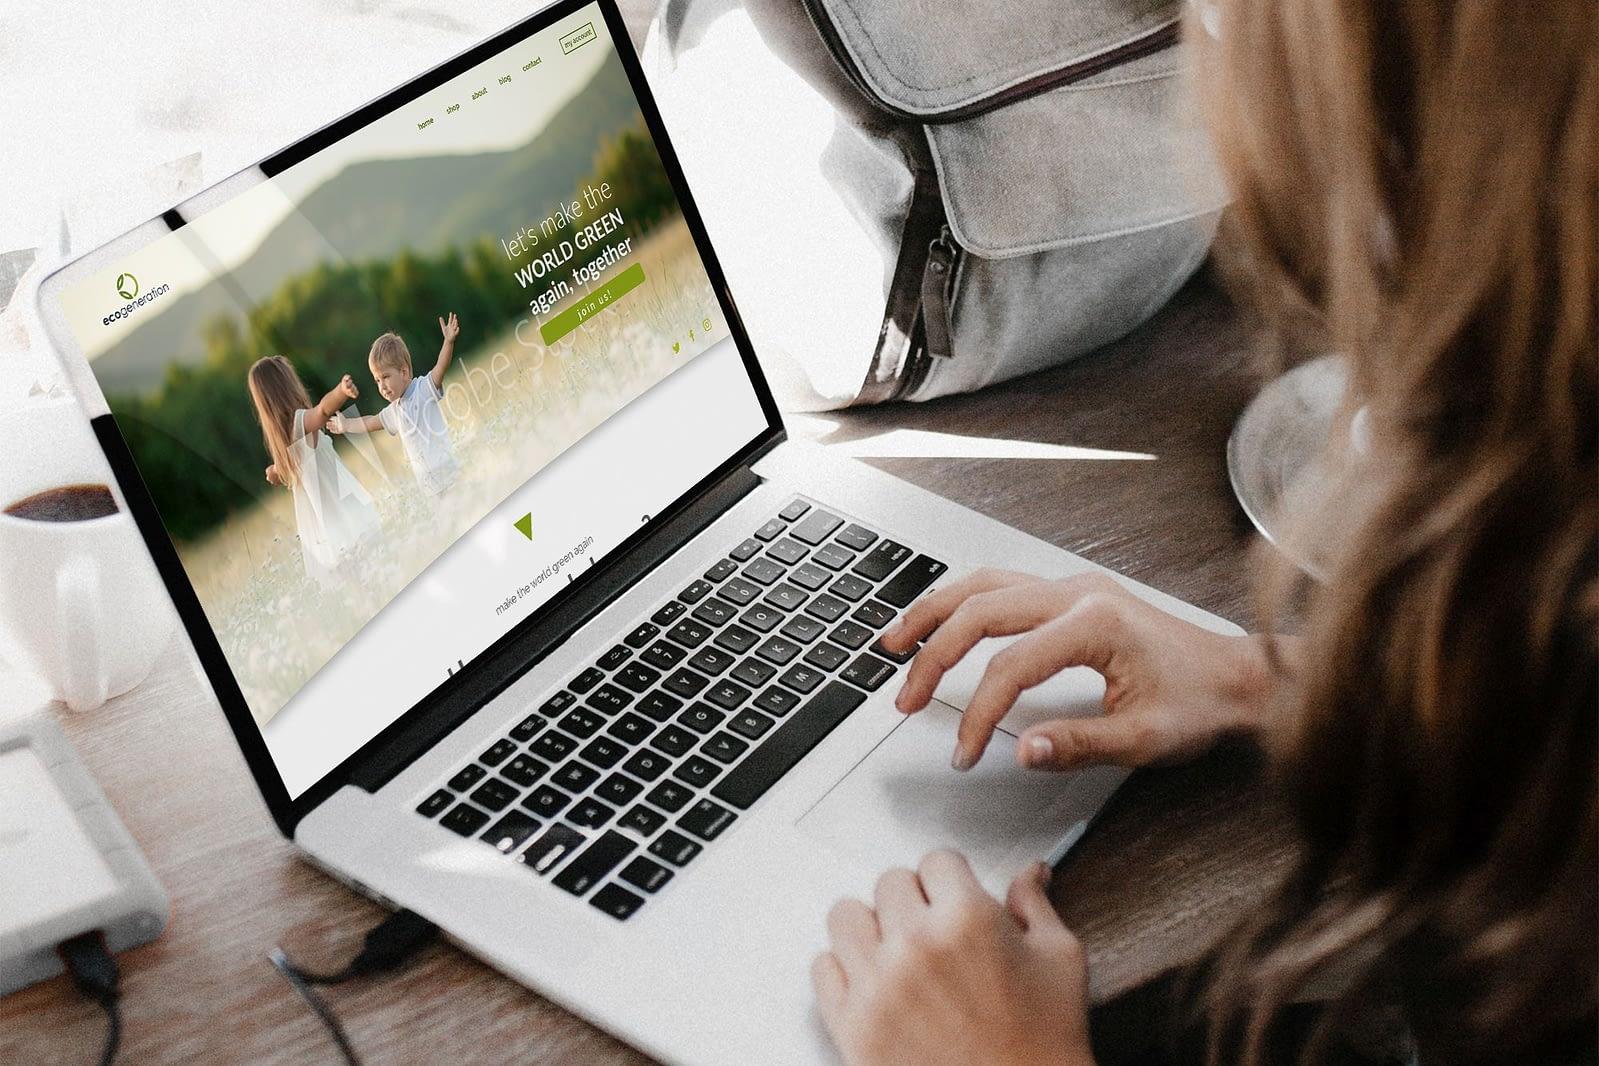 UI design, design, web design, website, Toud